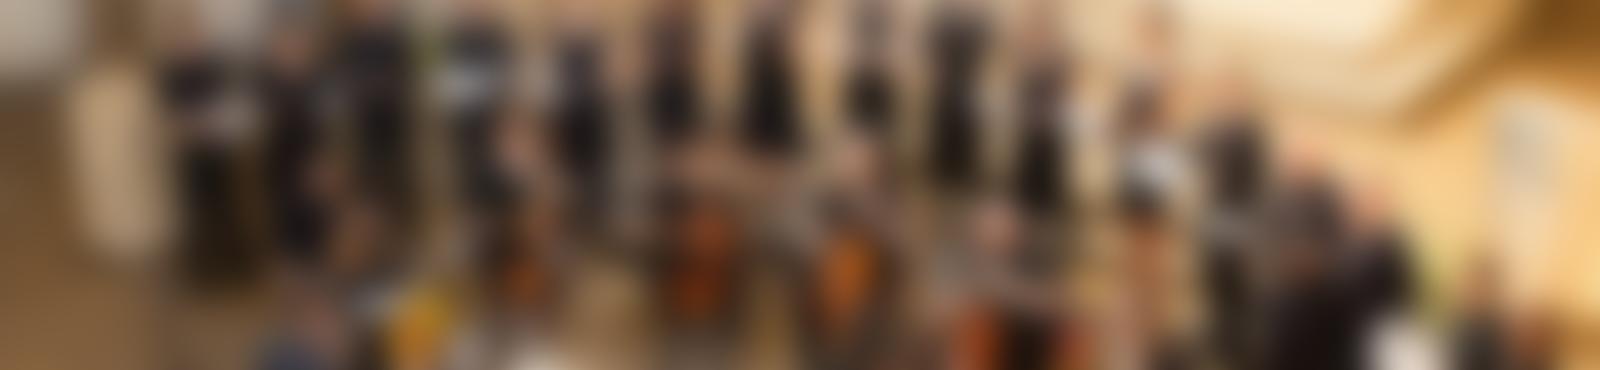 Blurred e078d028 8995 421d 95ef 79a55b055f90